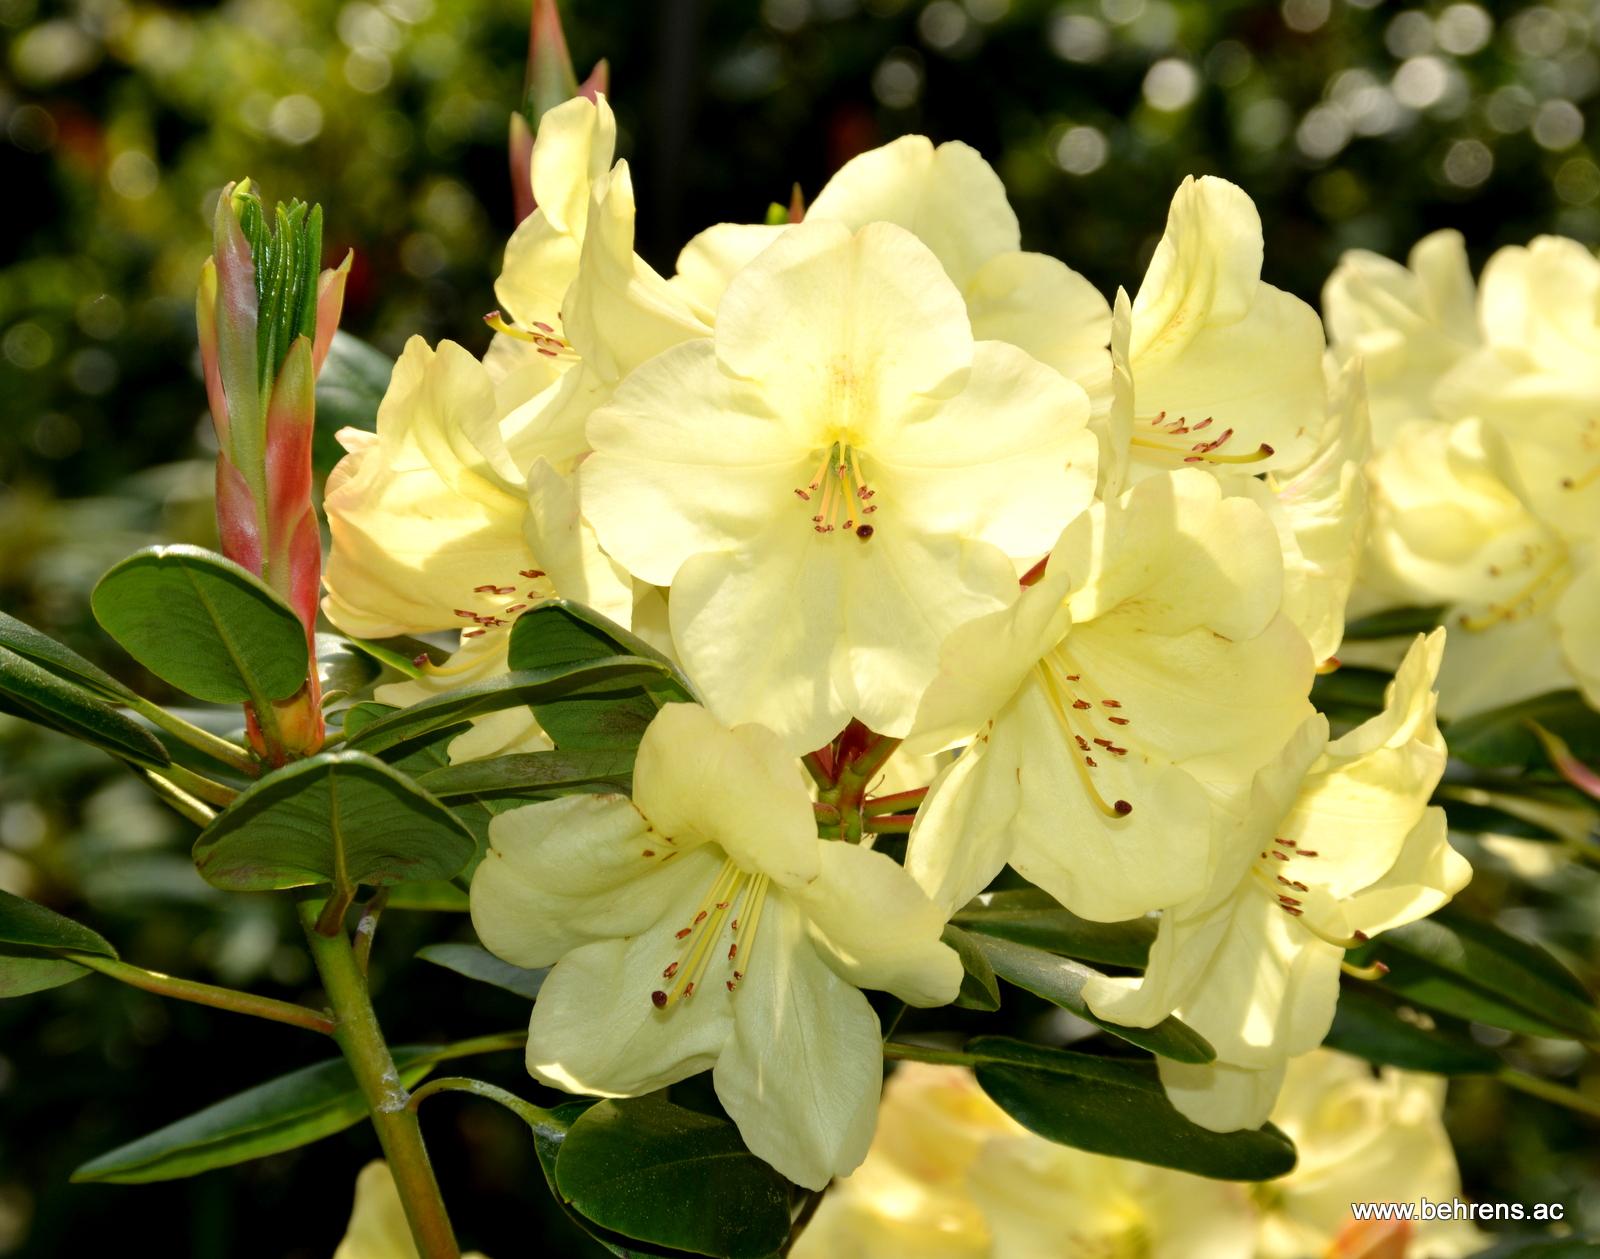 Rhododendron goldinetta behrens gartengestaltung for Gartengestaltung rhododendron